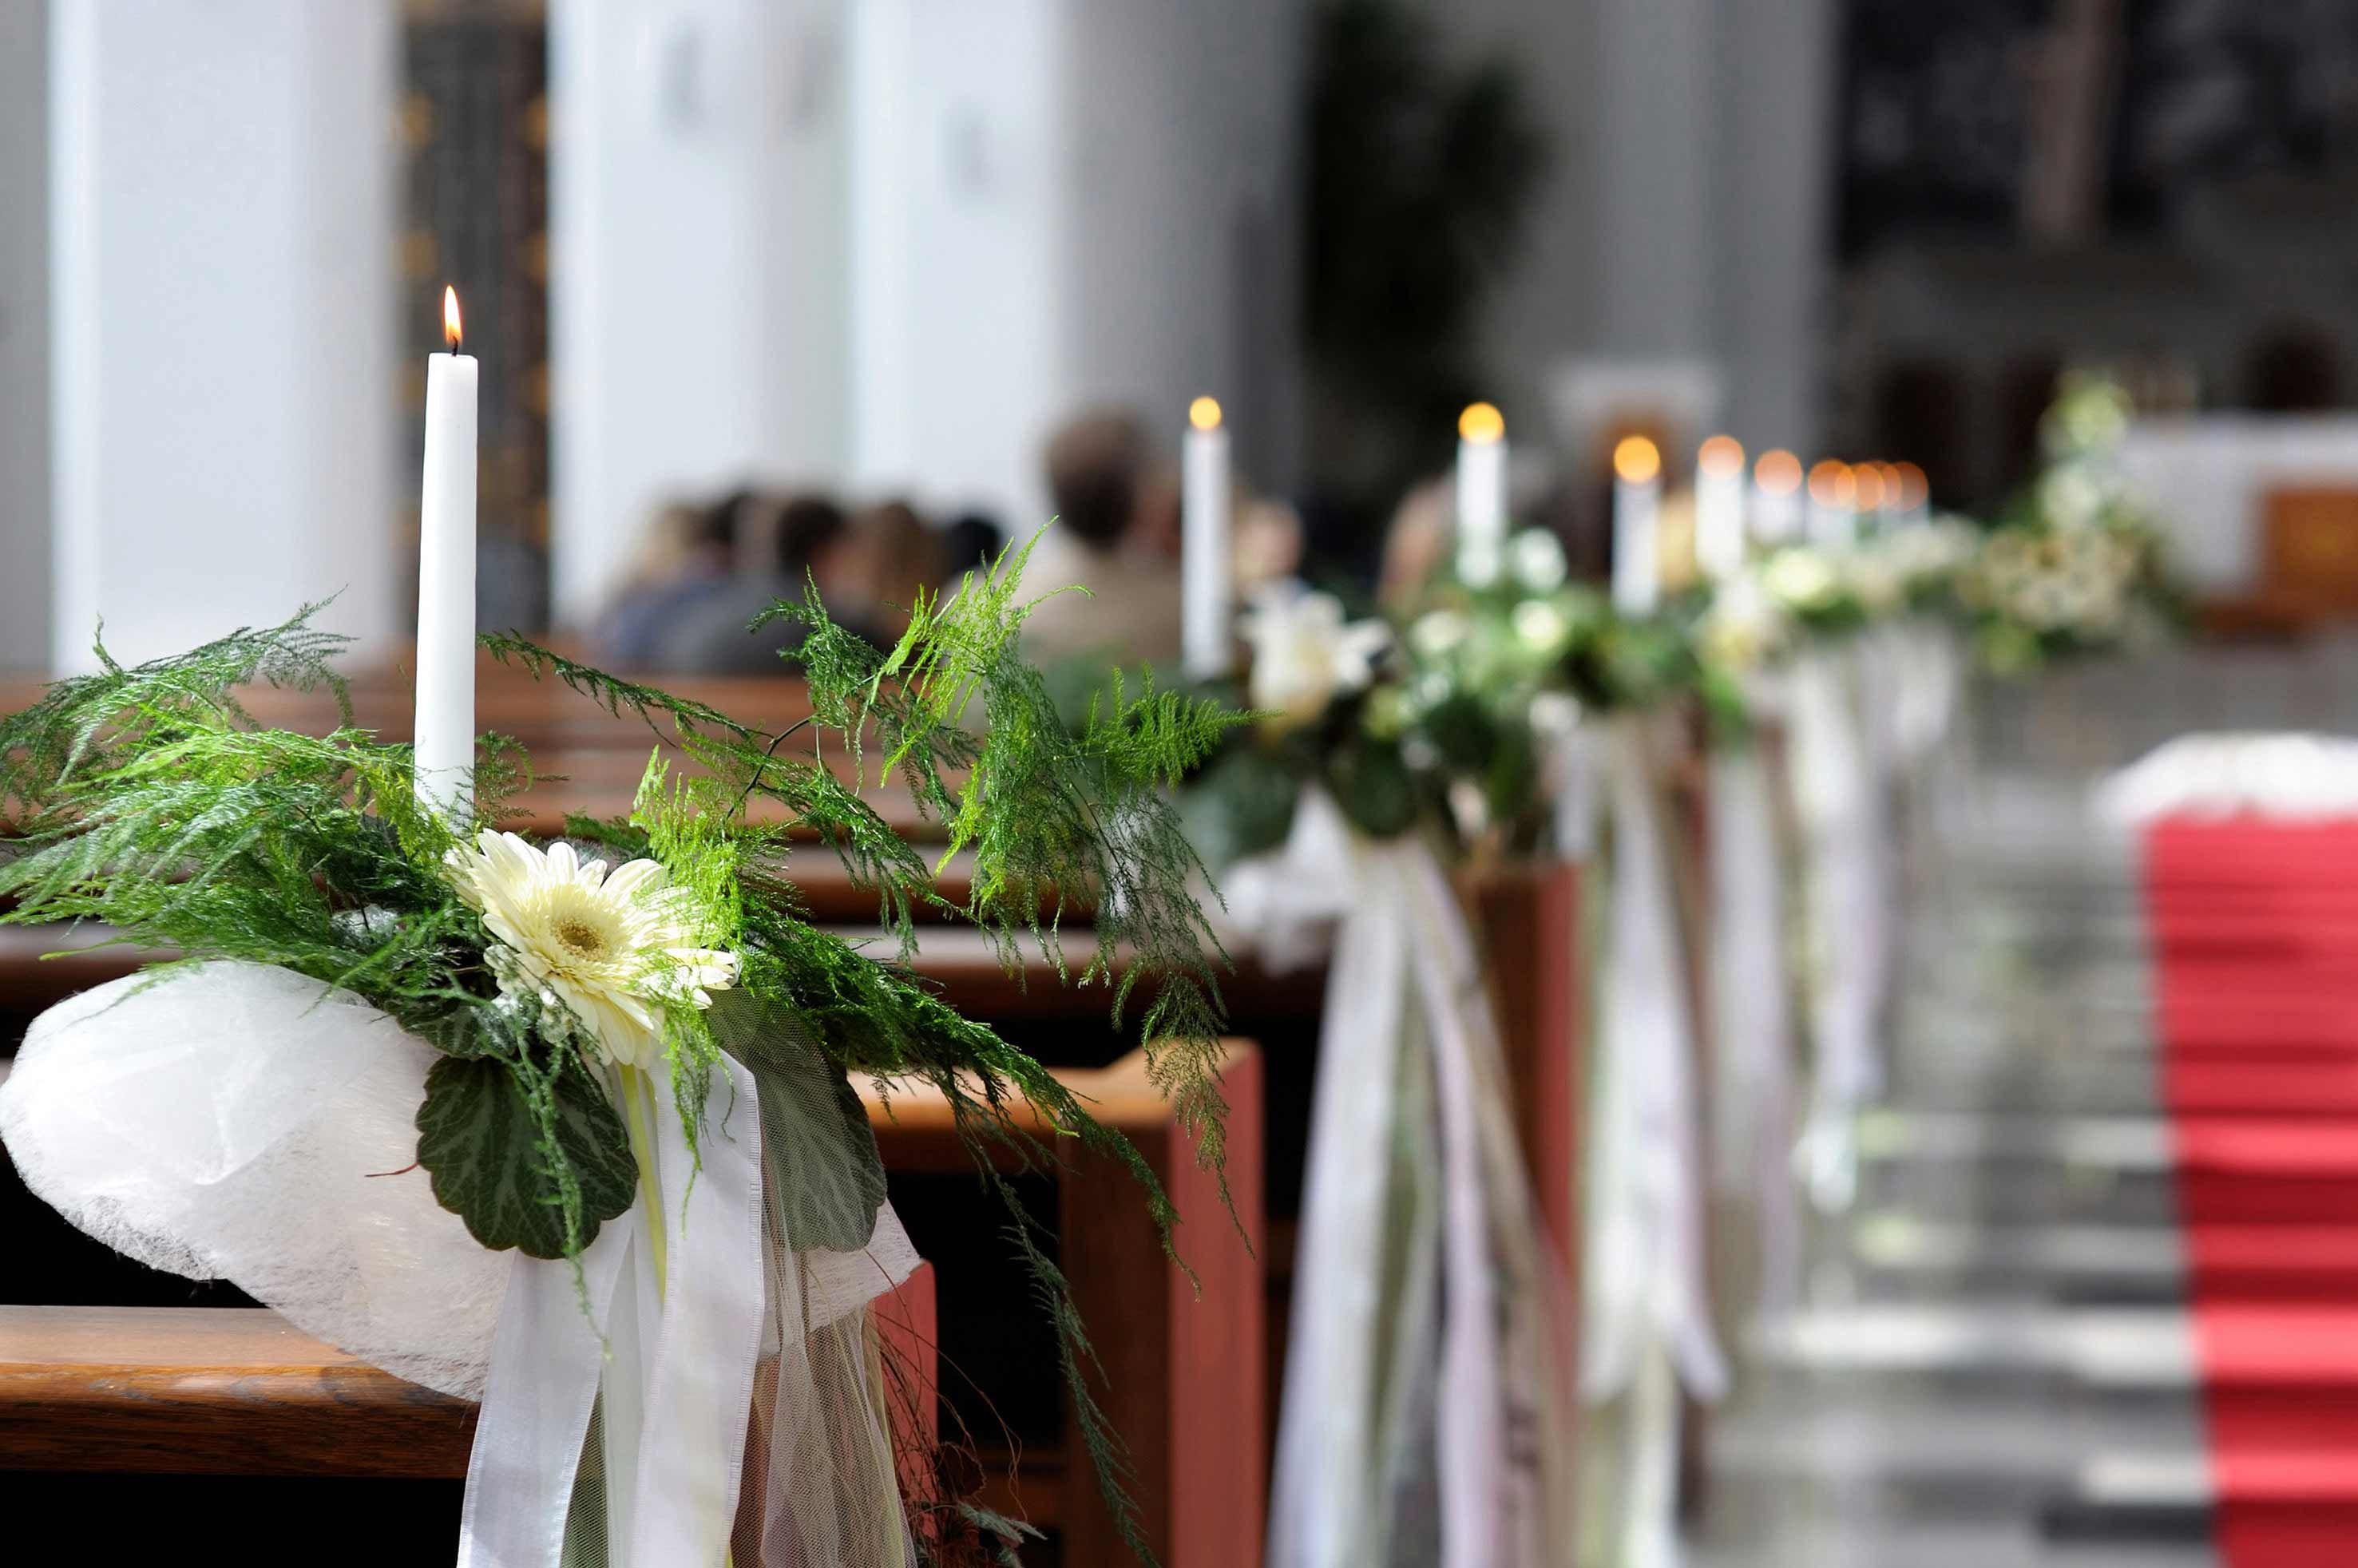 Kirchendeko Hochzeit Bildergalerie Mit Tollen Ideen Beispielen Hochzeit Blumendekorationen Kirchendeko Hochzeit Kirchliche Hochzeit